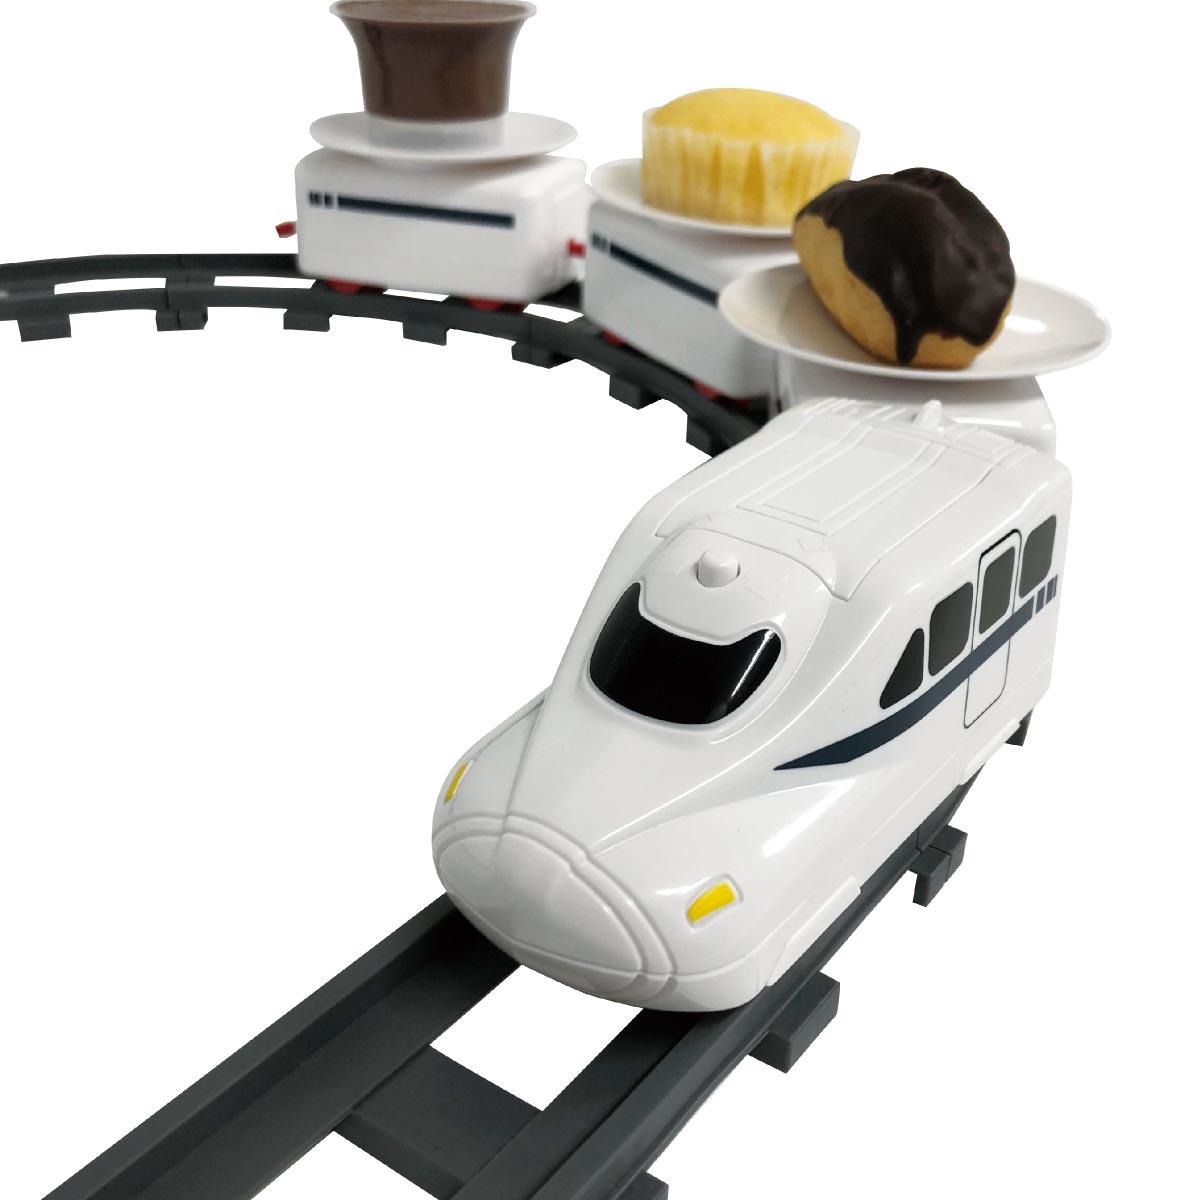 斬新すぎる!「まわる」スイーツ電車がチョコを運んでくるよ!